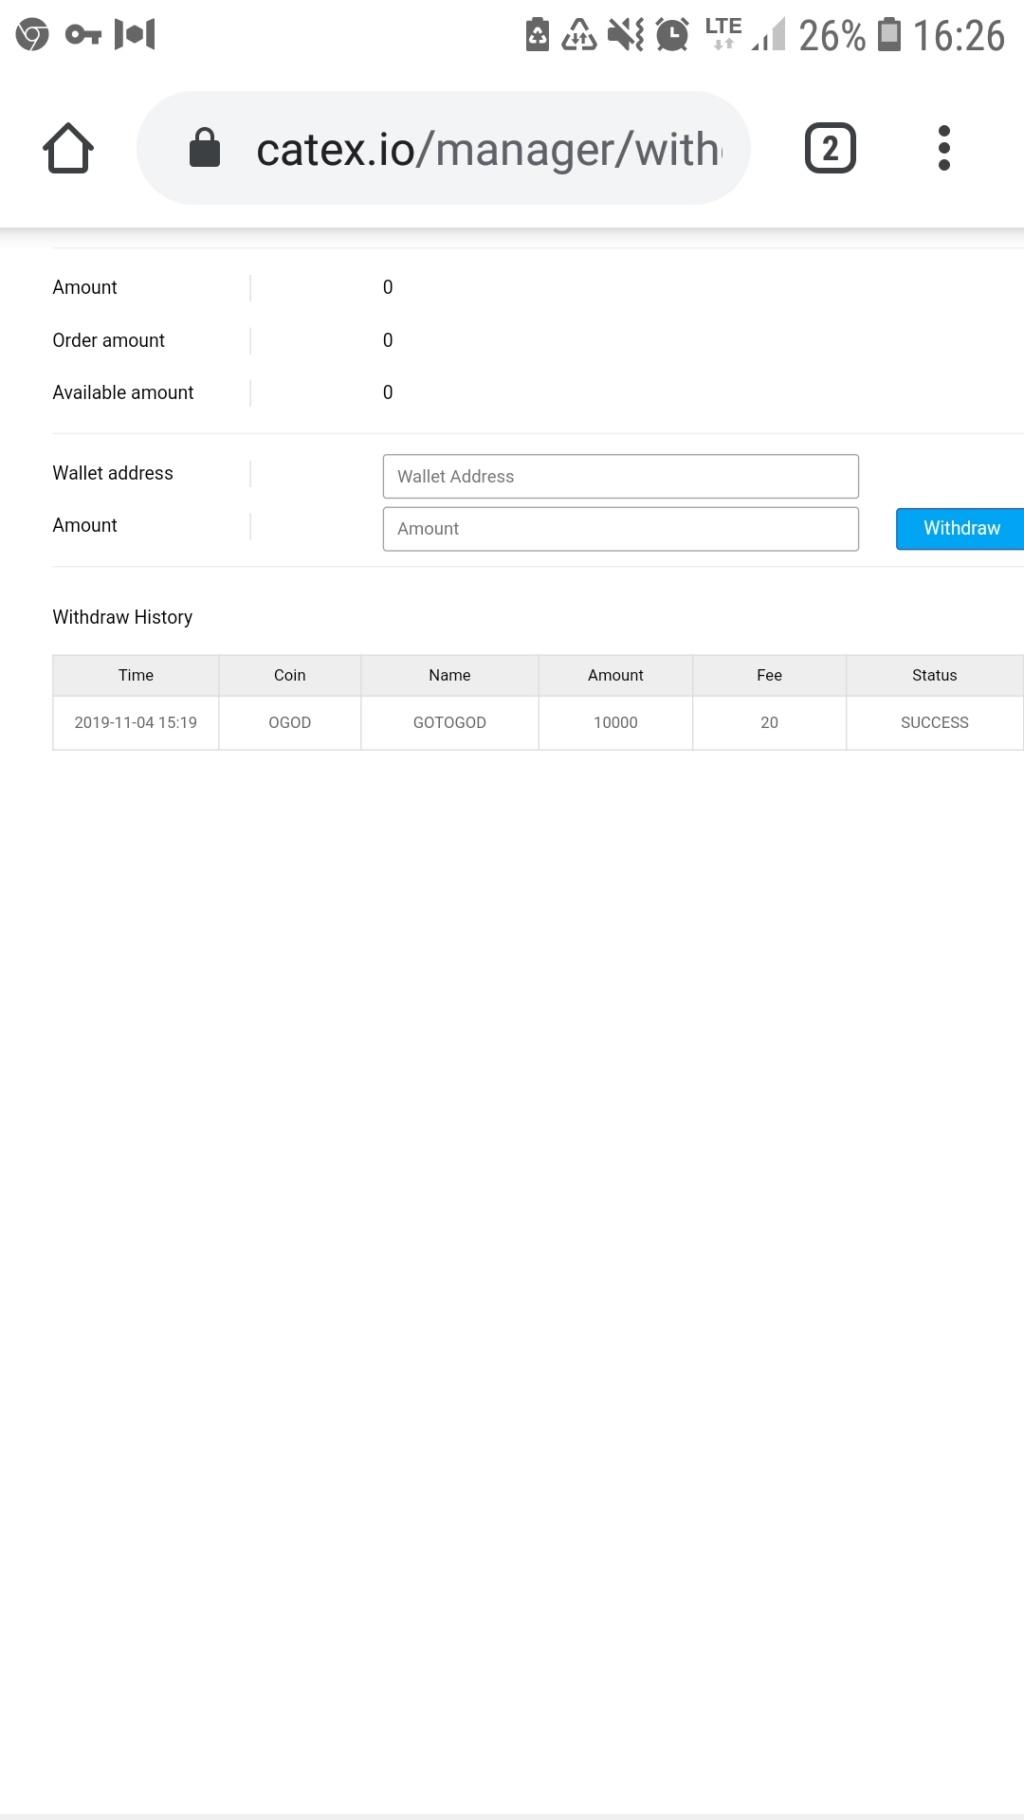 Catex.io 250 USD Screen47